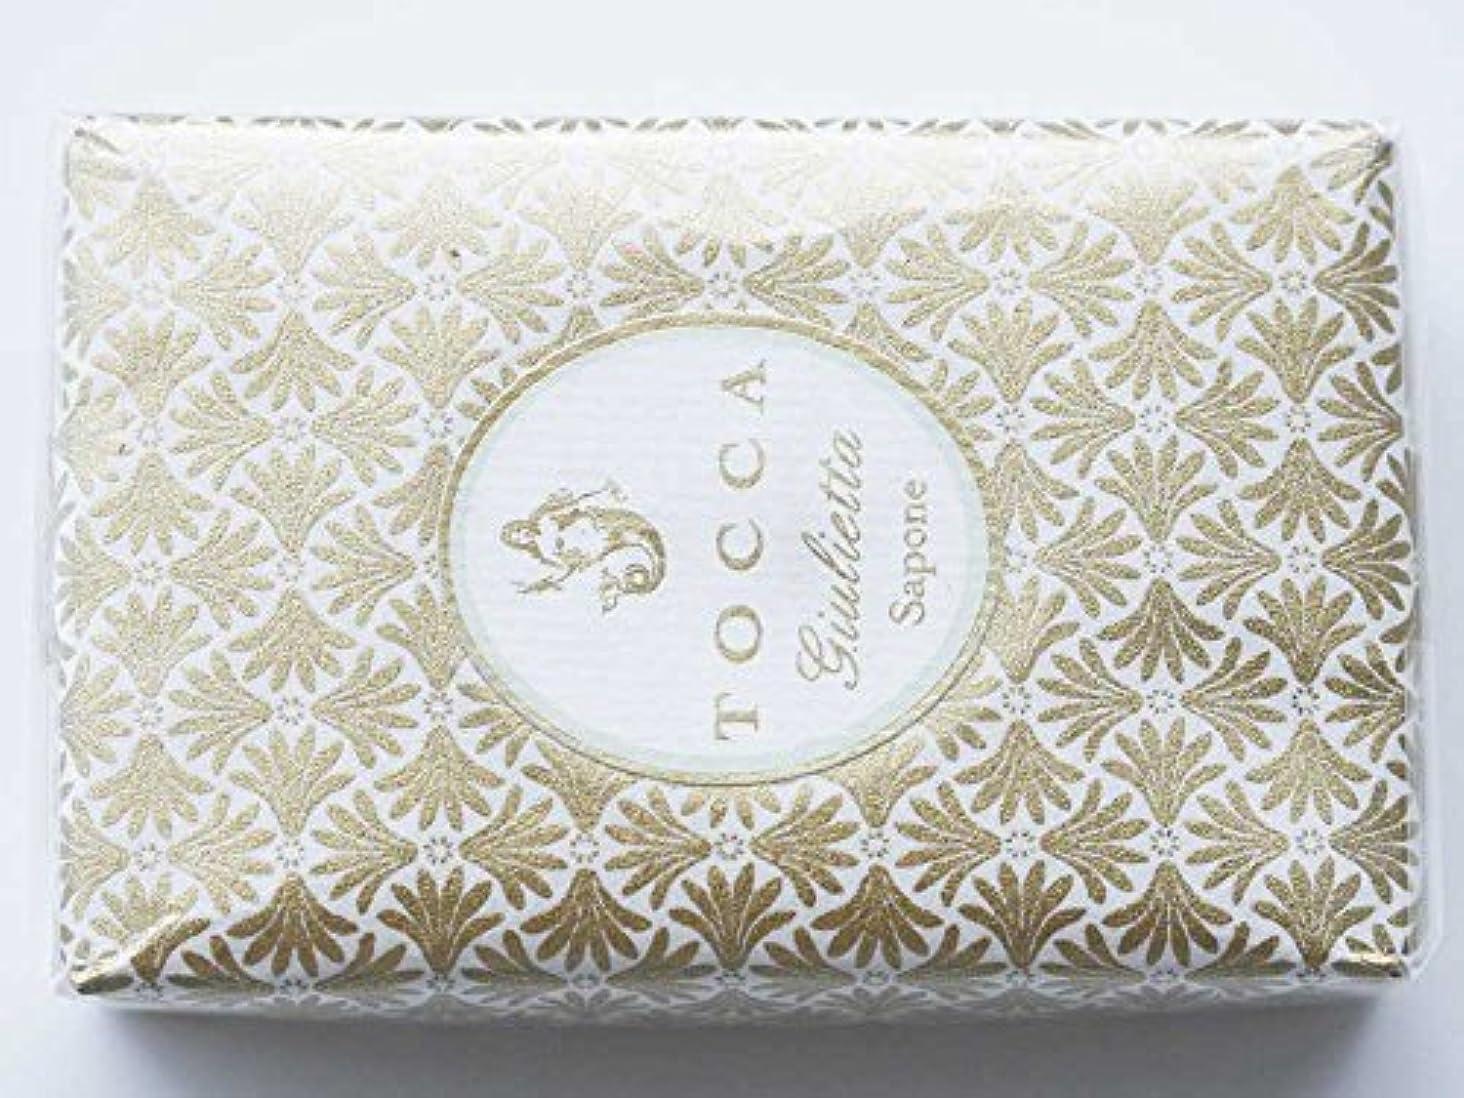 以下非互換球状TOCCA(トッカ)石鹸 ソープバー ジュリエッタの香り